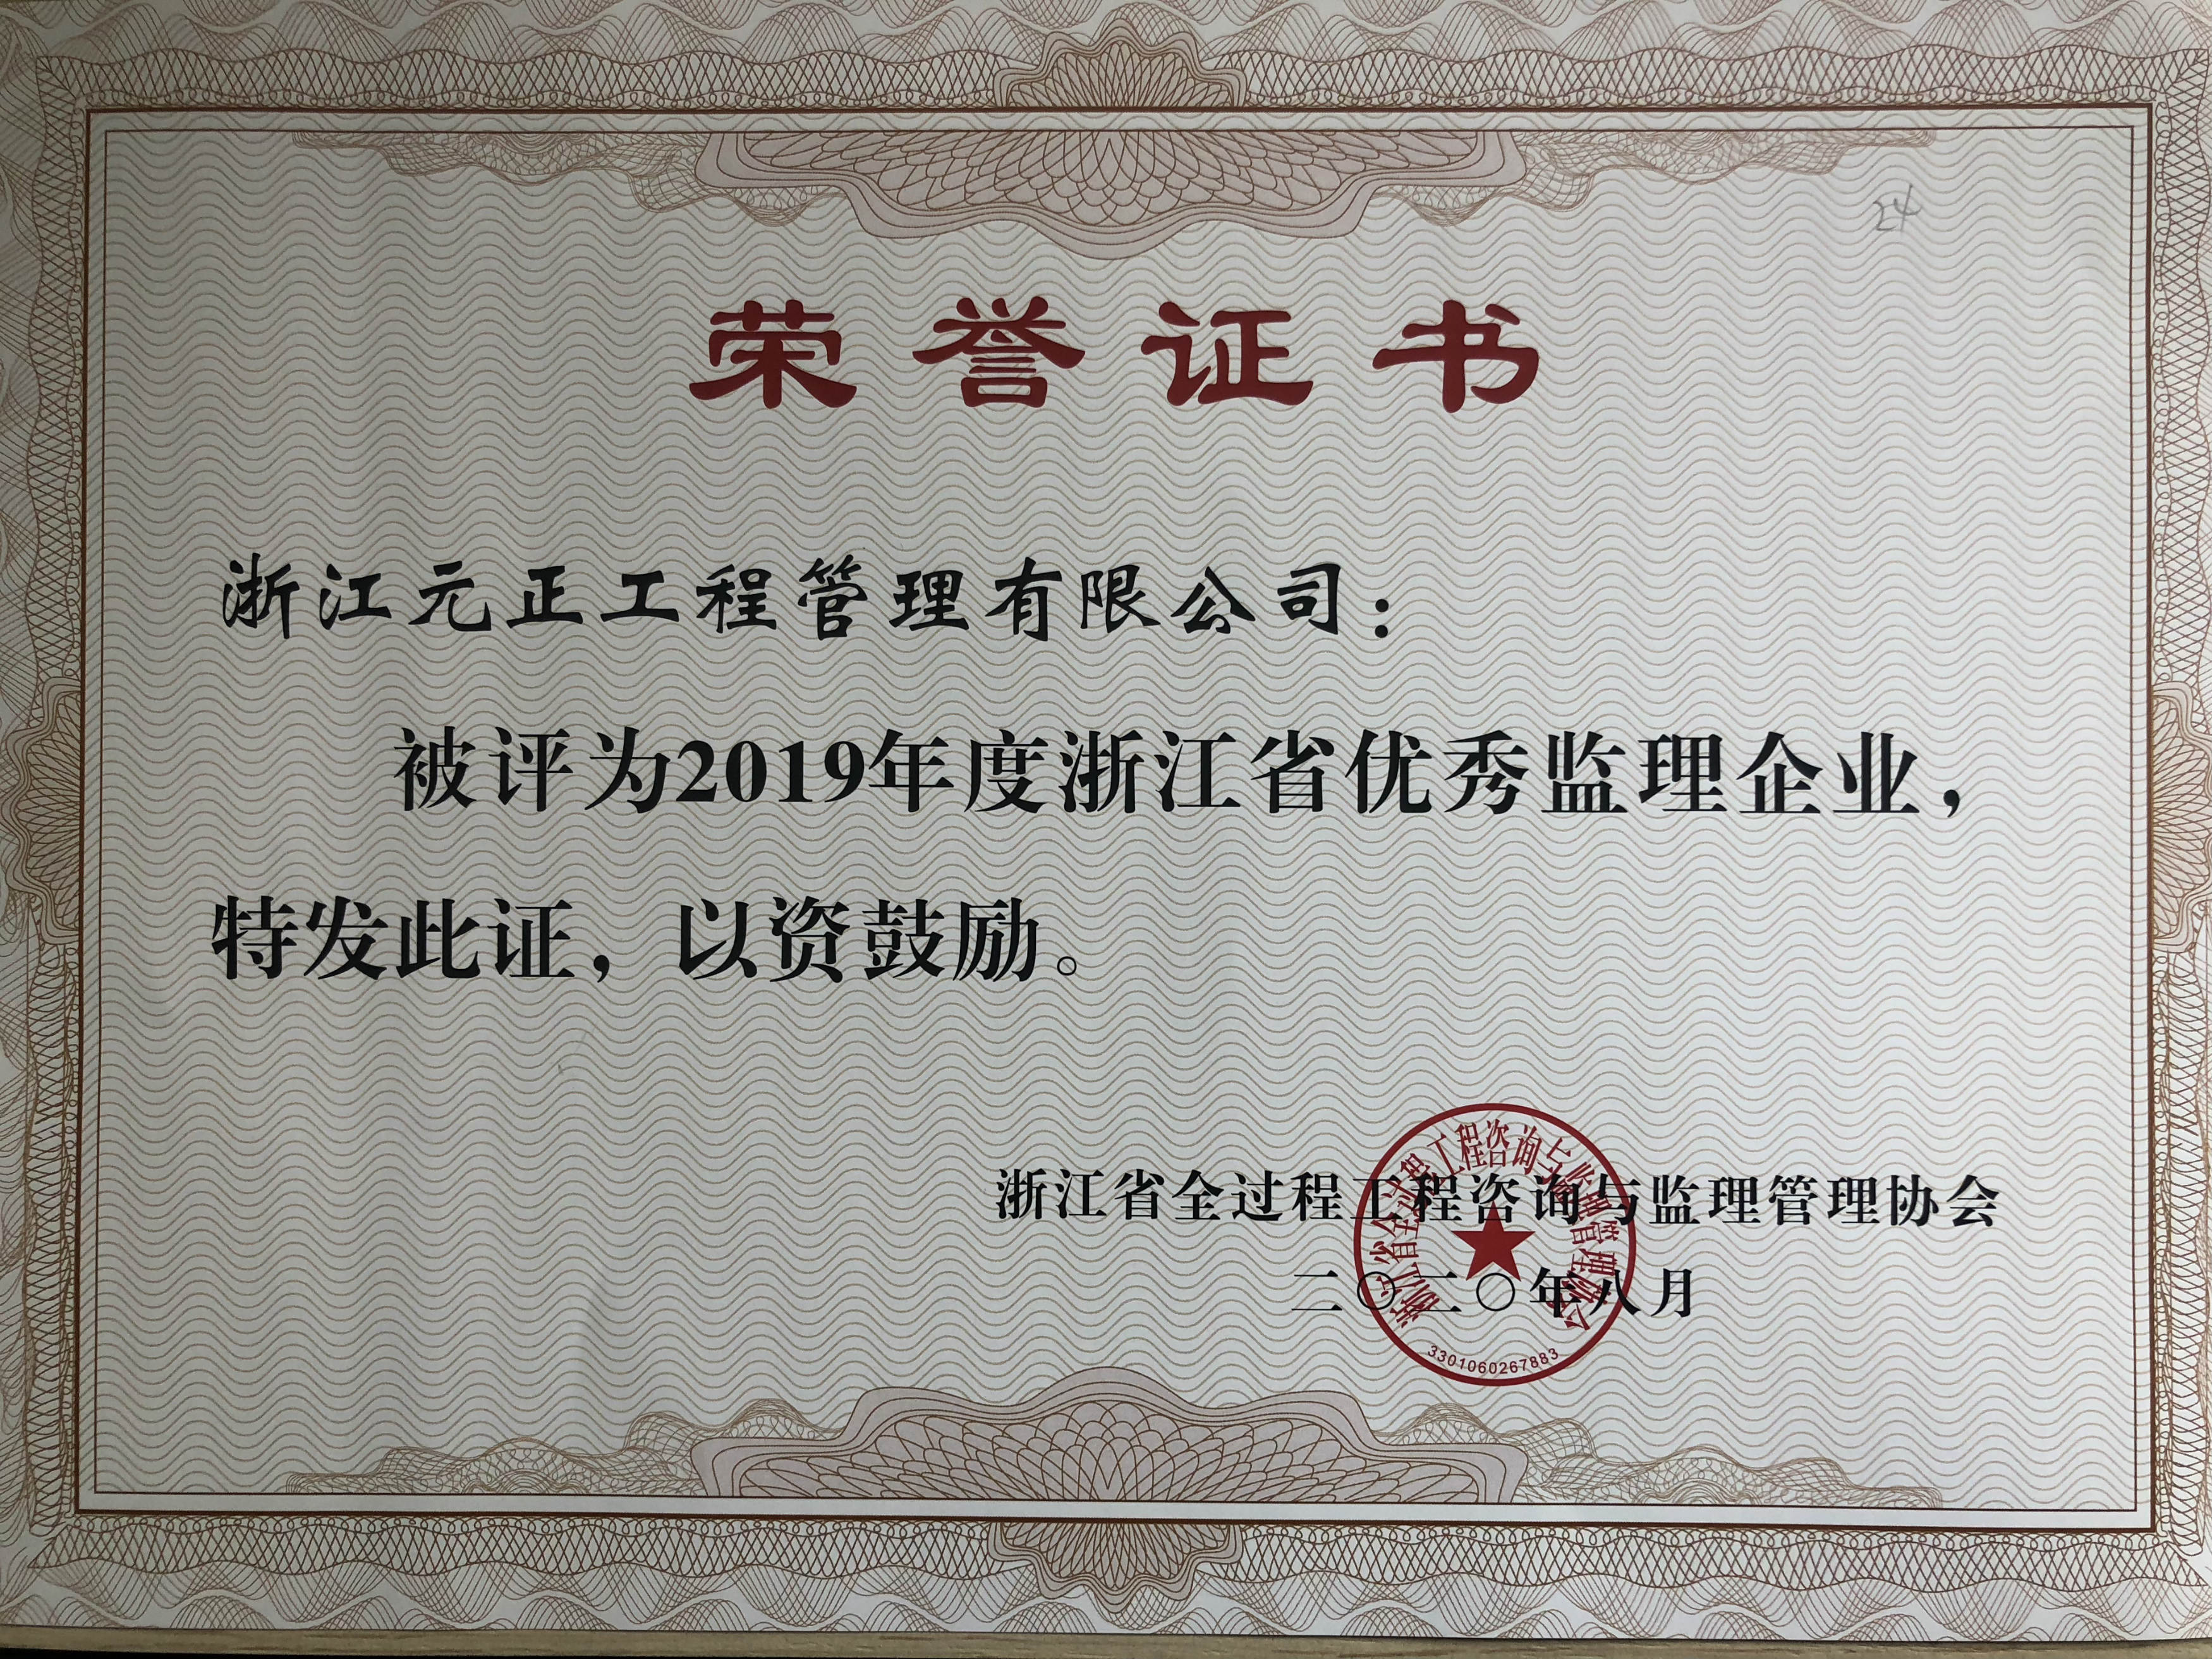 浙江省优秀监理企业